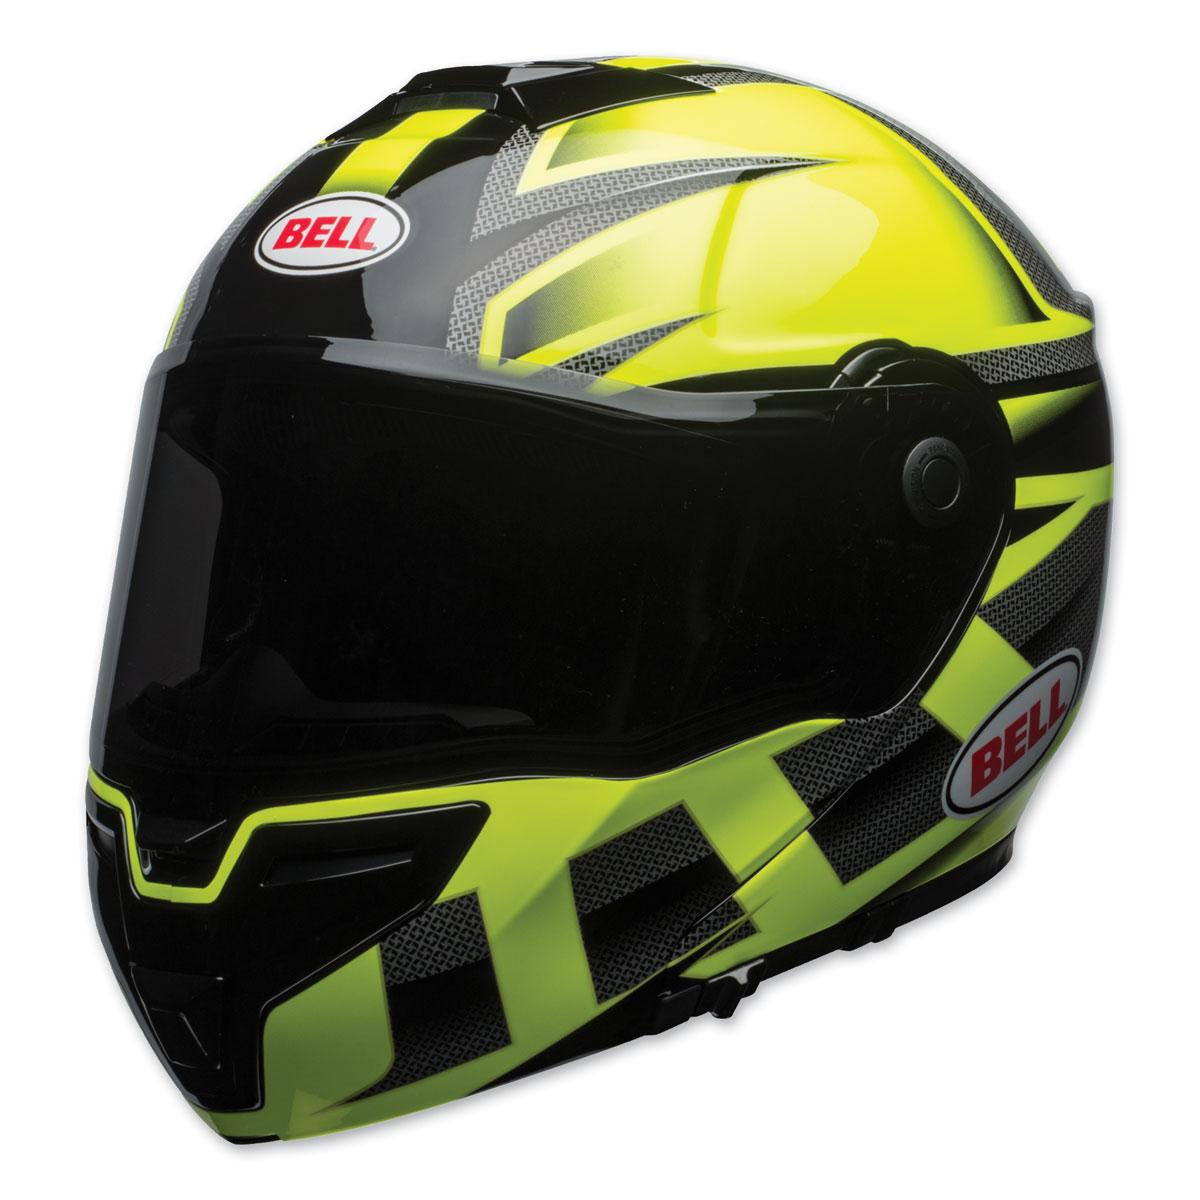 Bell SRT Predator Gloss Hi-Viz/Black Modular Helmet